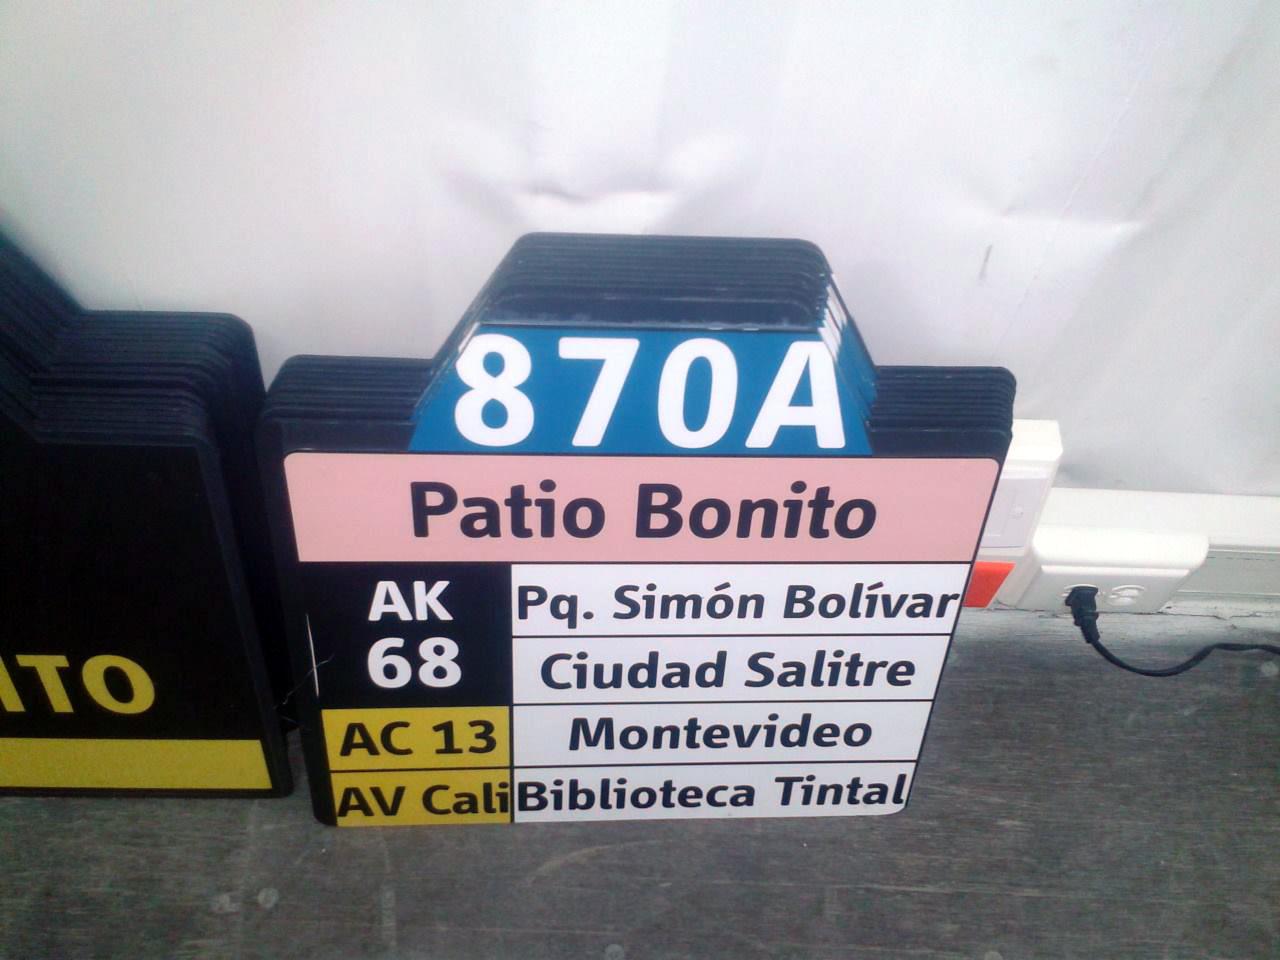 Ruta urbana 870A Patio Bonito